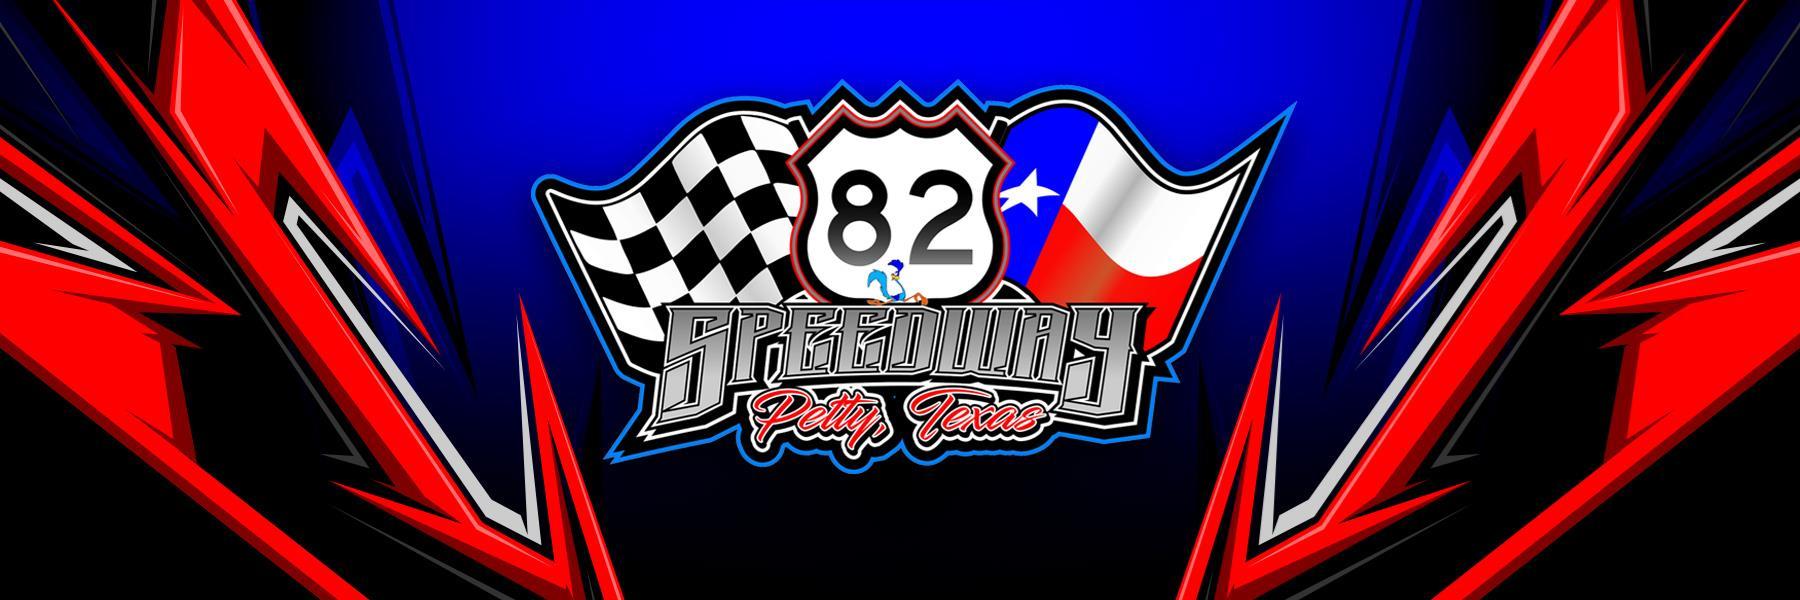 82 Speedway